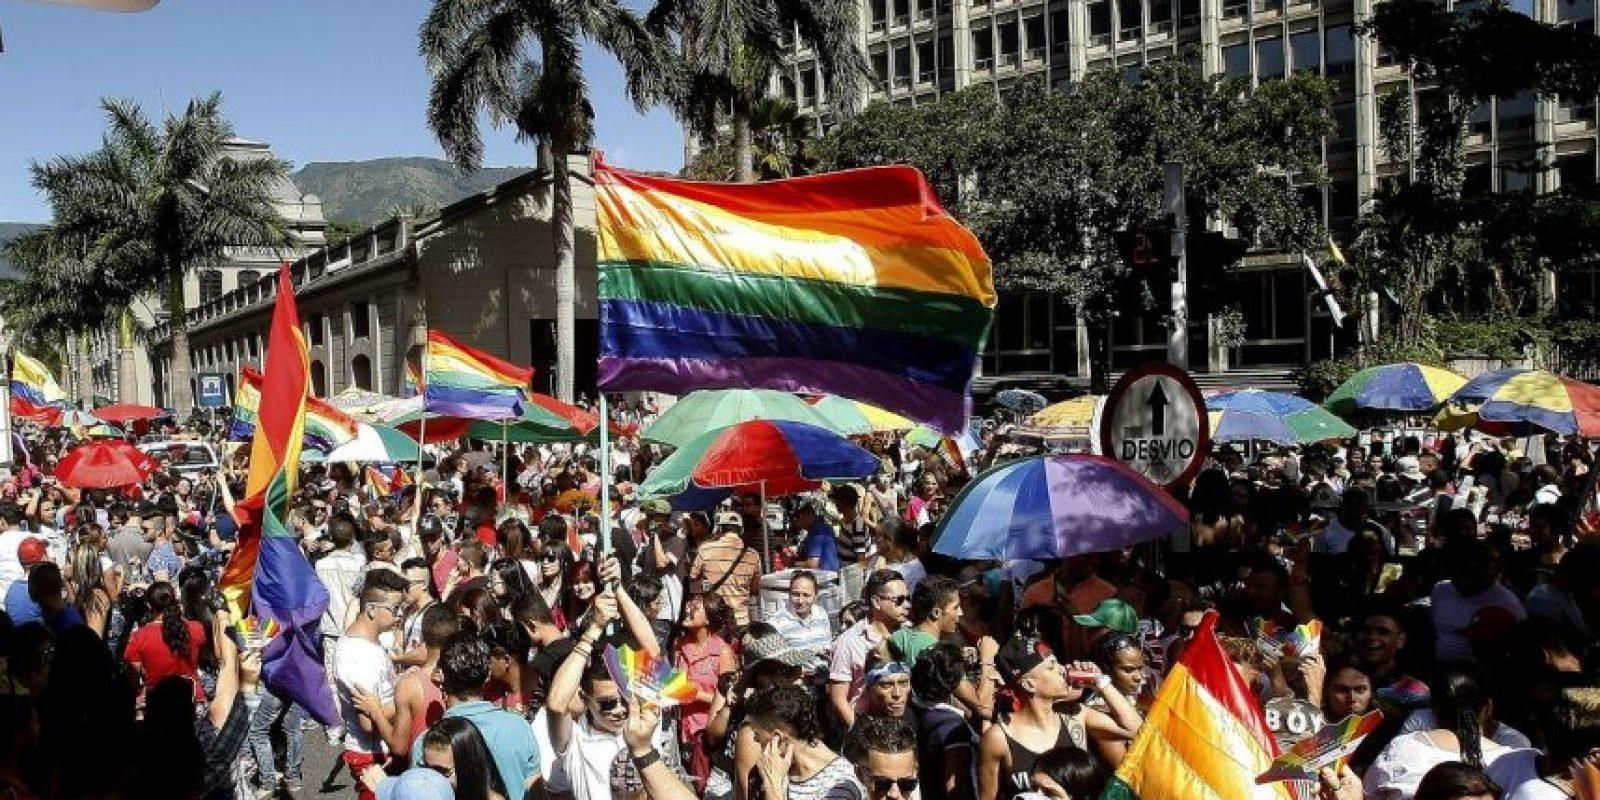 La tradicional Marcha del orgullo gay en la capital antioqueña en el Centro Administrativo La Alpujarra. Foto:Archivo EFE